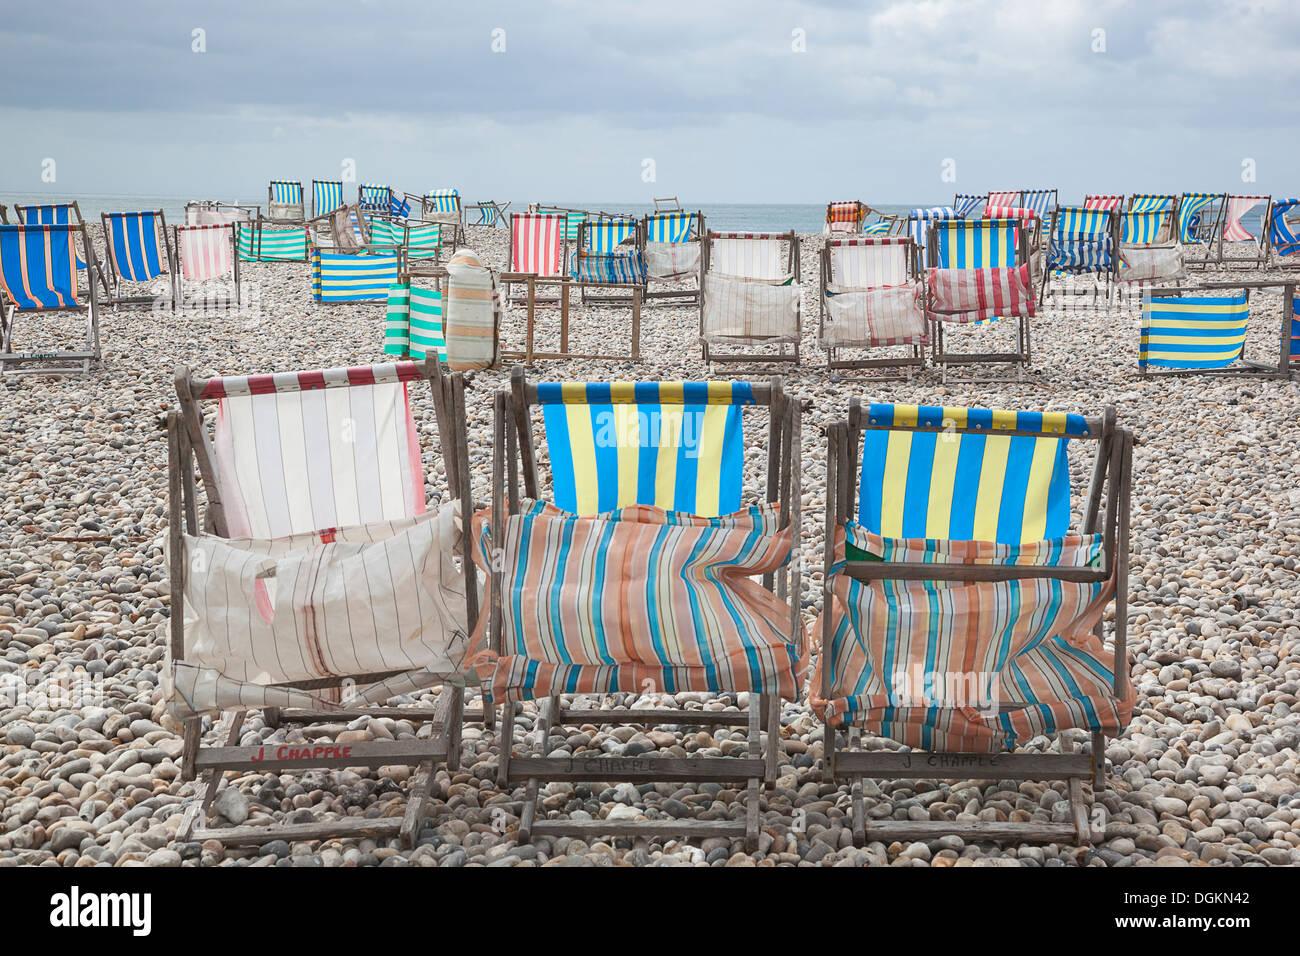 Sillas de cubierta en alto el viento en la playa de cerveza. Imagen De Stock